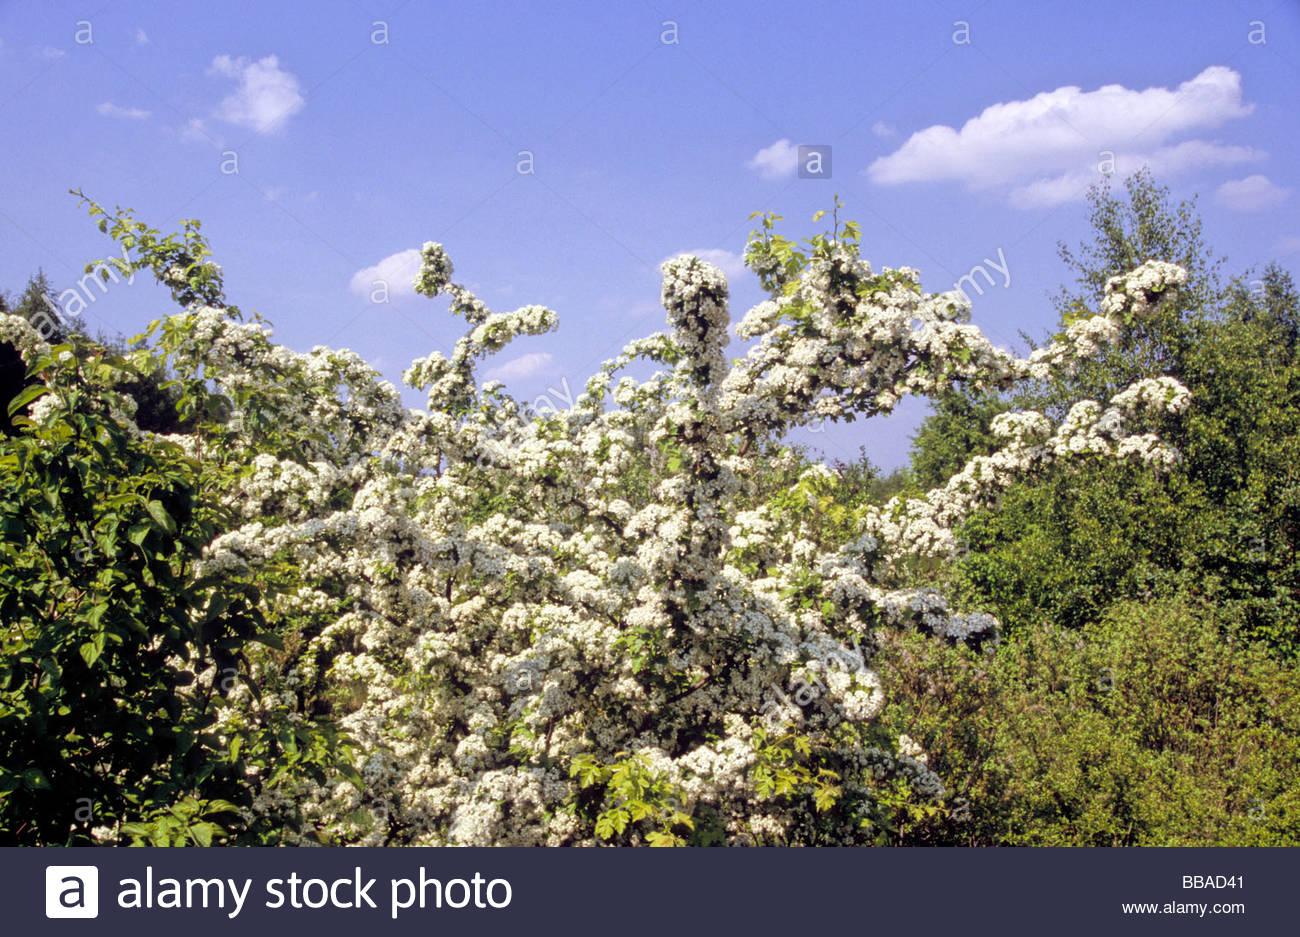 whitethorn Germany - Stock Image